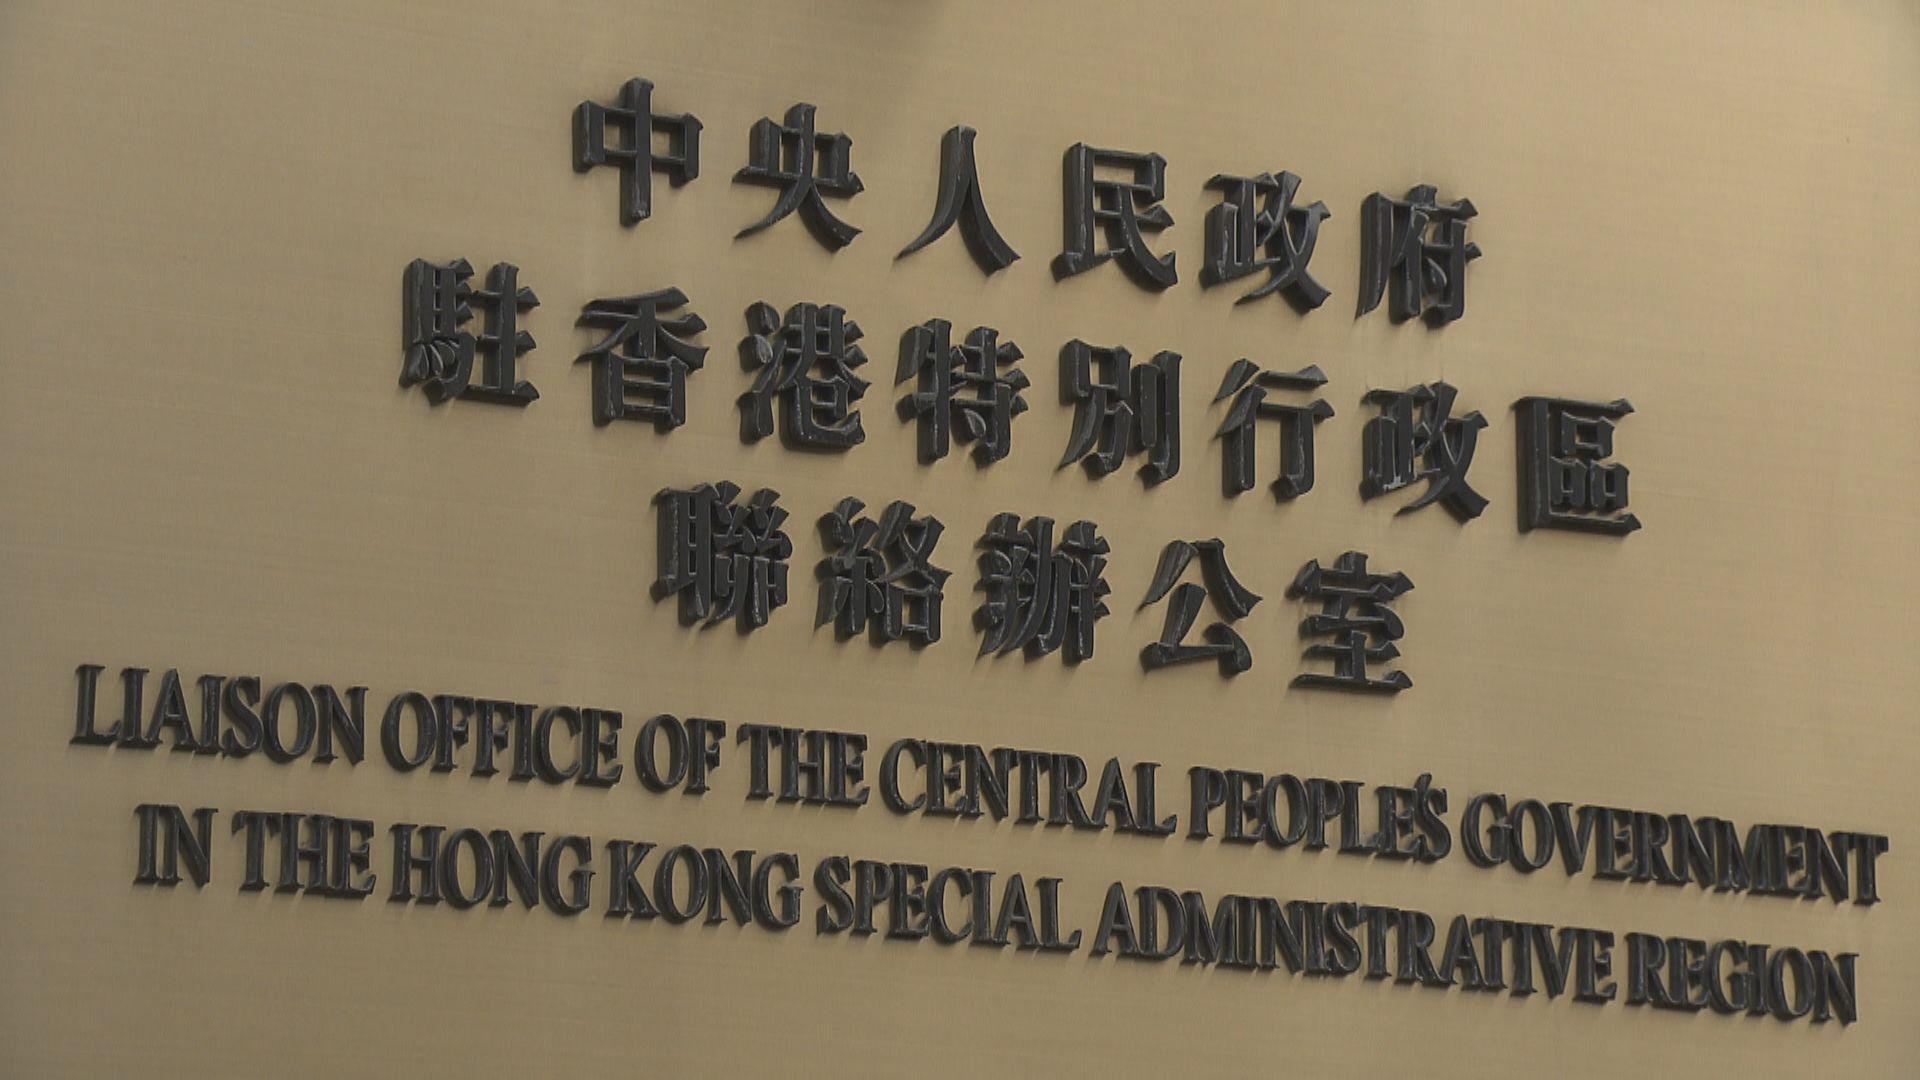 中聯辦:新聞自由並非違法行為「擋箭牌」